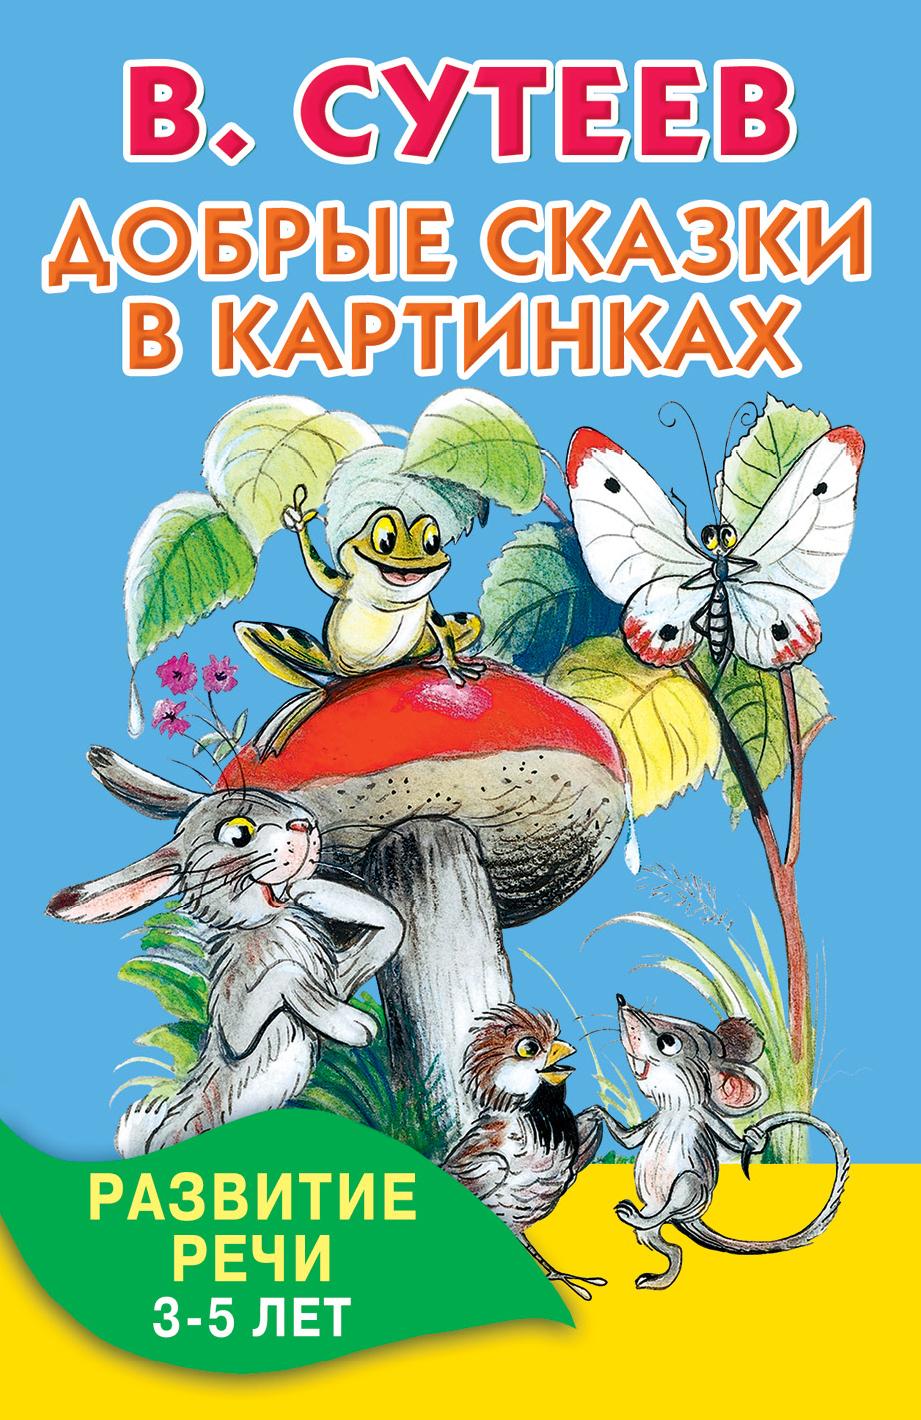 Добрые сказки в картинках. Развитие речи. 3-5 лет ( Сутеев В.Г.  )